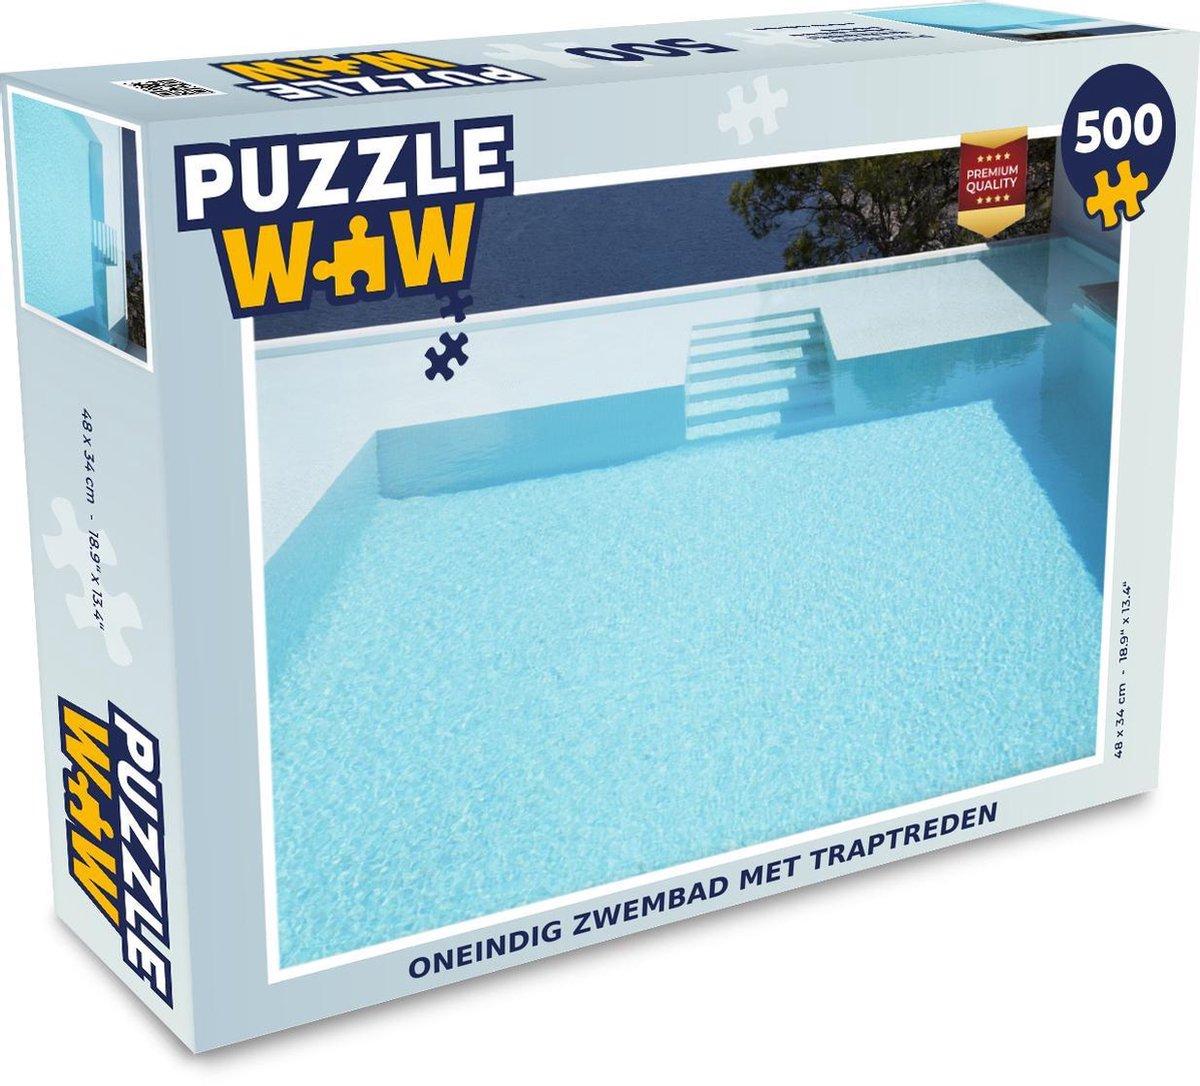 Puzzel 500 stukjes Zwembad zonder einde - Oneindig zwembad met traptreden puzzel 500 stukjes - PuzzleWow heeft +100000 puzzels